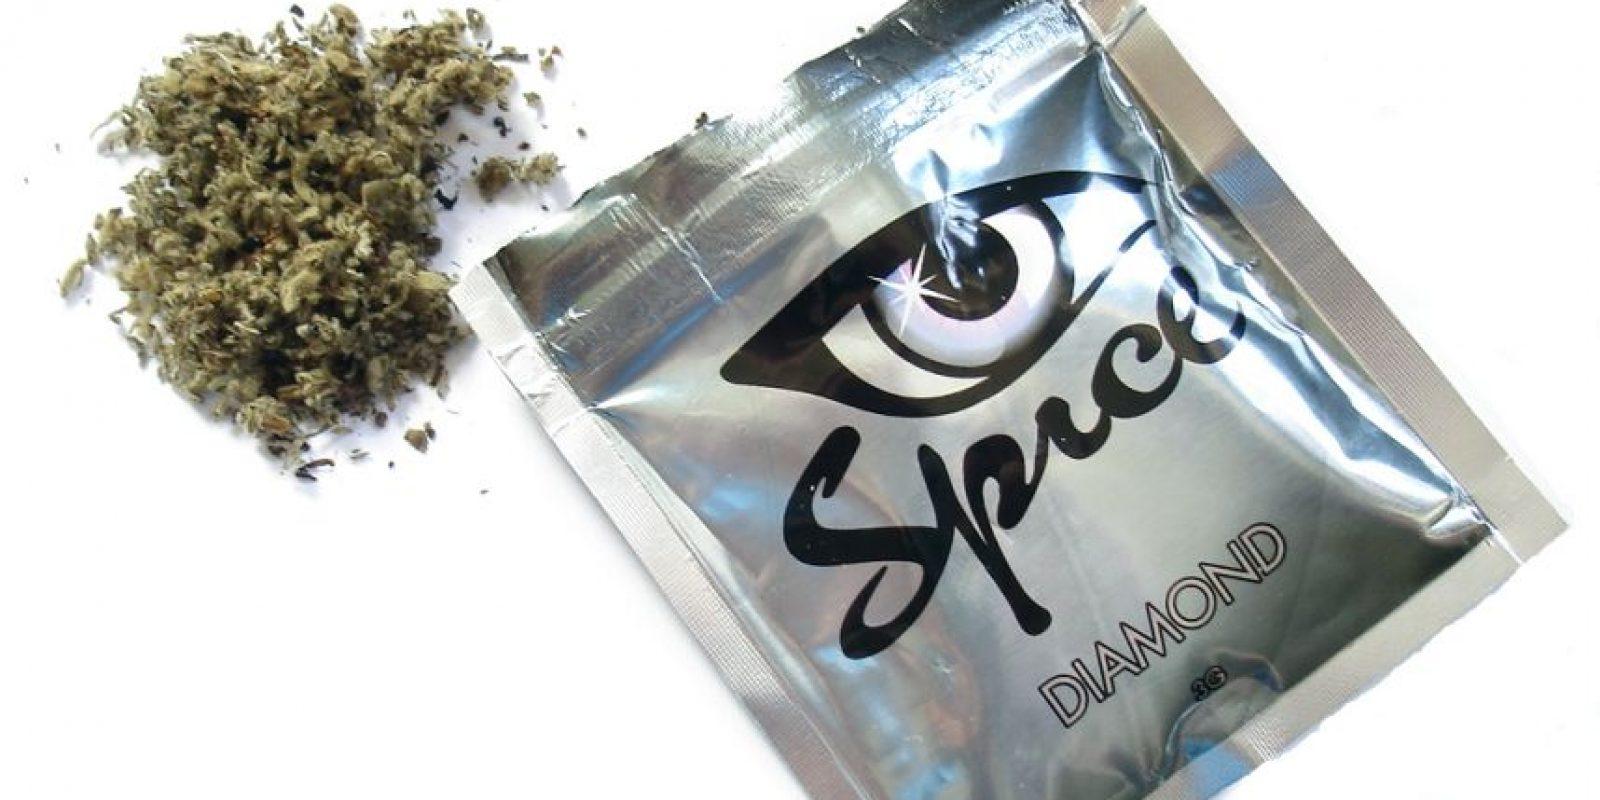 Spice: es una mezcla de hierbas que producen efectos similares a los de la marihuana y se vende como una alternativa legal de la misma. Tiene diversos nombres: K2, marihuana sintética, fuego de Yucatán y 'Shunk' o 'fake weed', en inglés, entre otros. Foto:vía Publice Intelligence